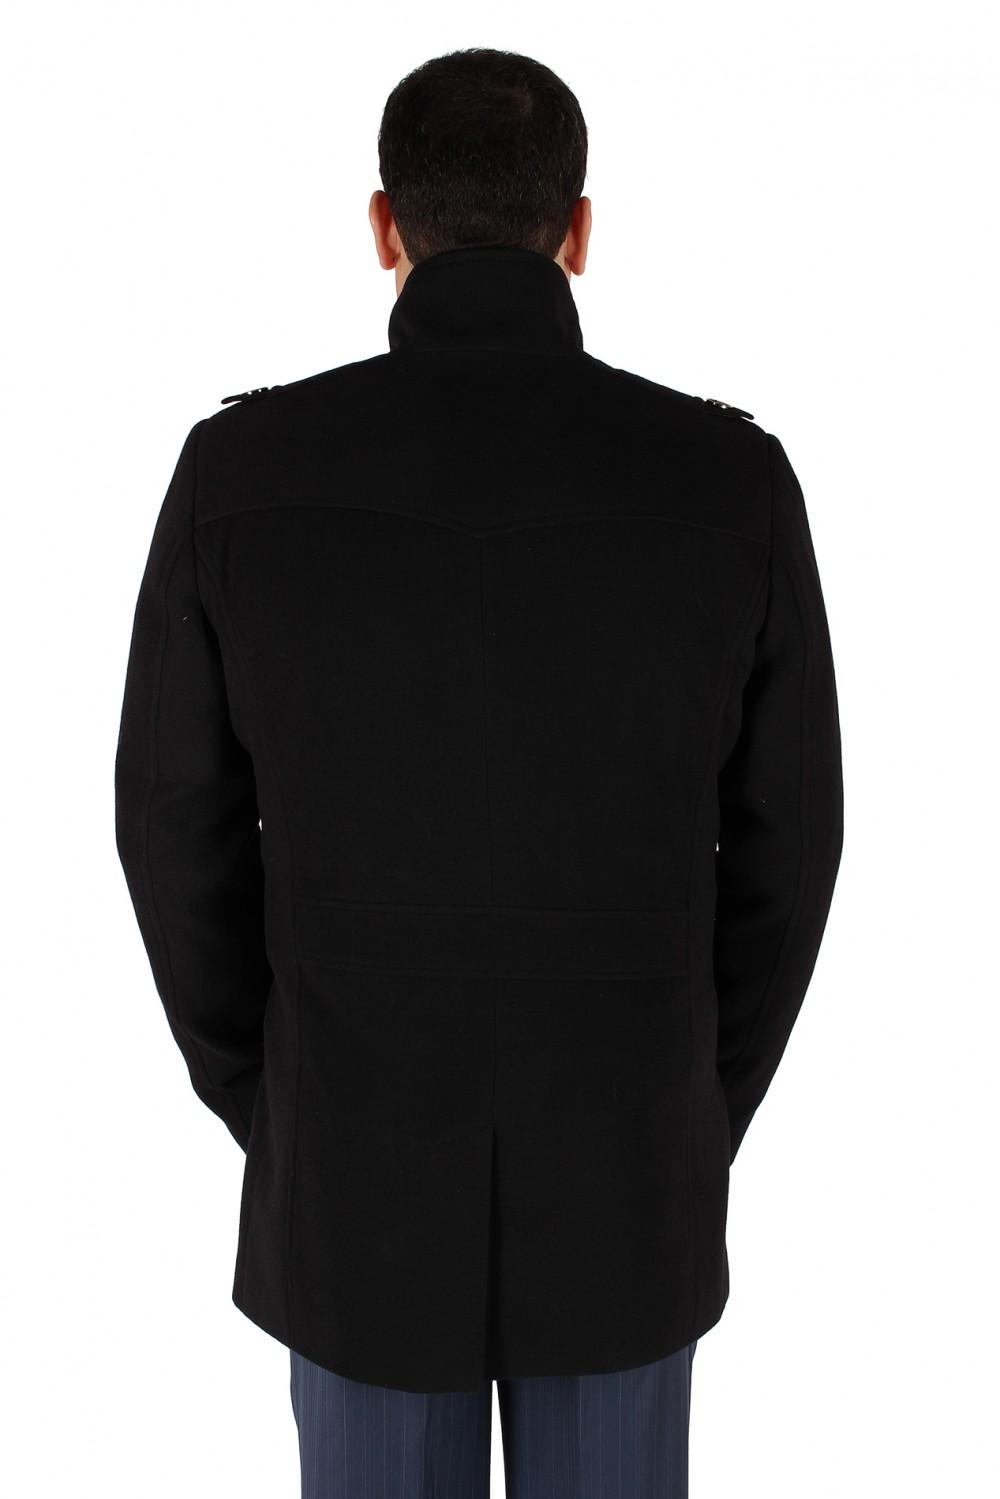 Купить оптом Полупальто мужское черного цвета Кс-25Ch в Уфе